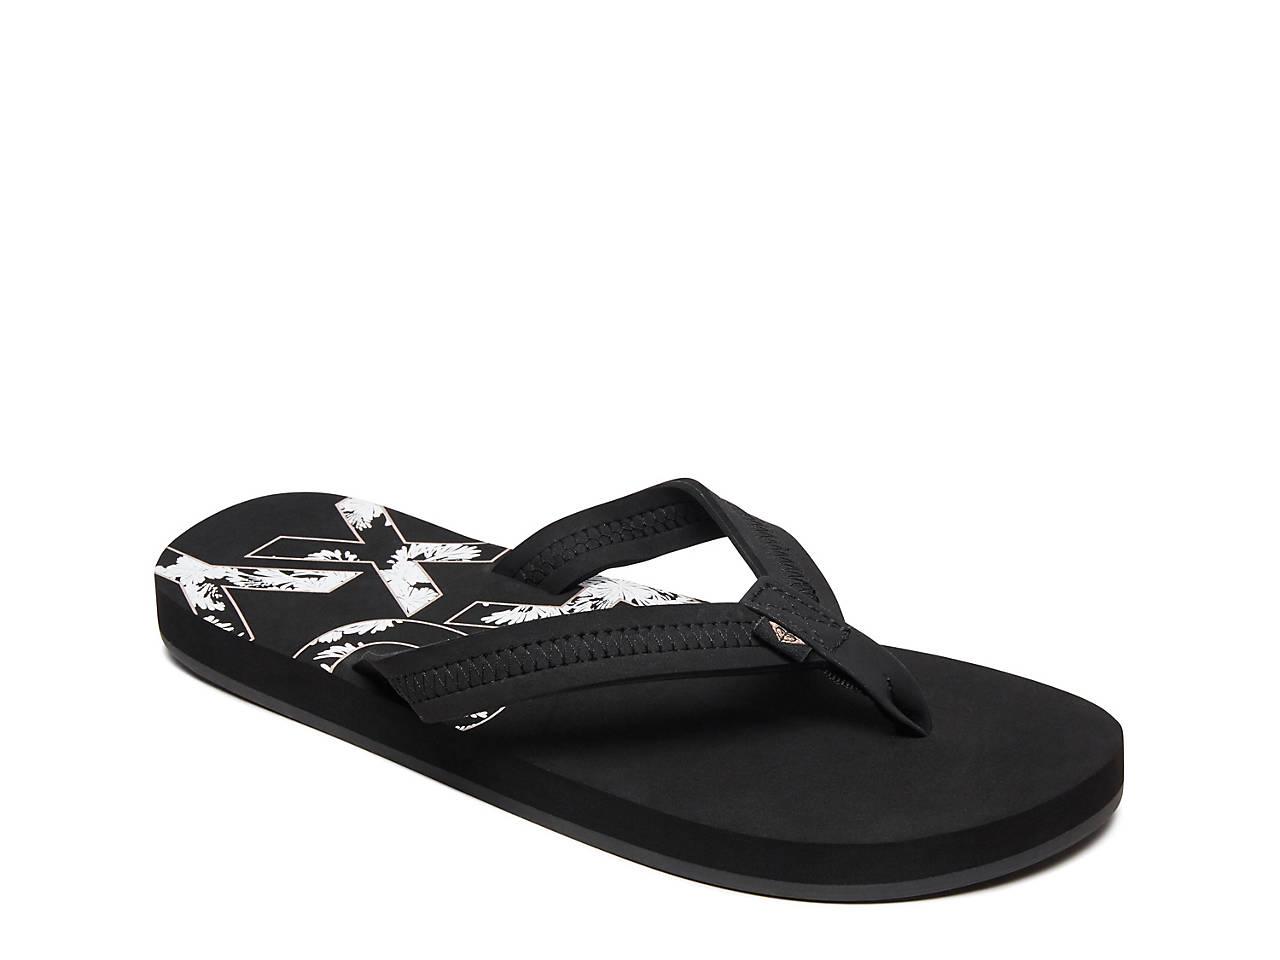 12274bedee38 Roxy Point Break Flip Flop Women s Shoes